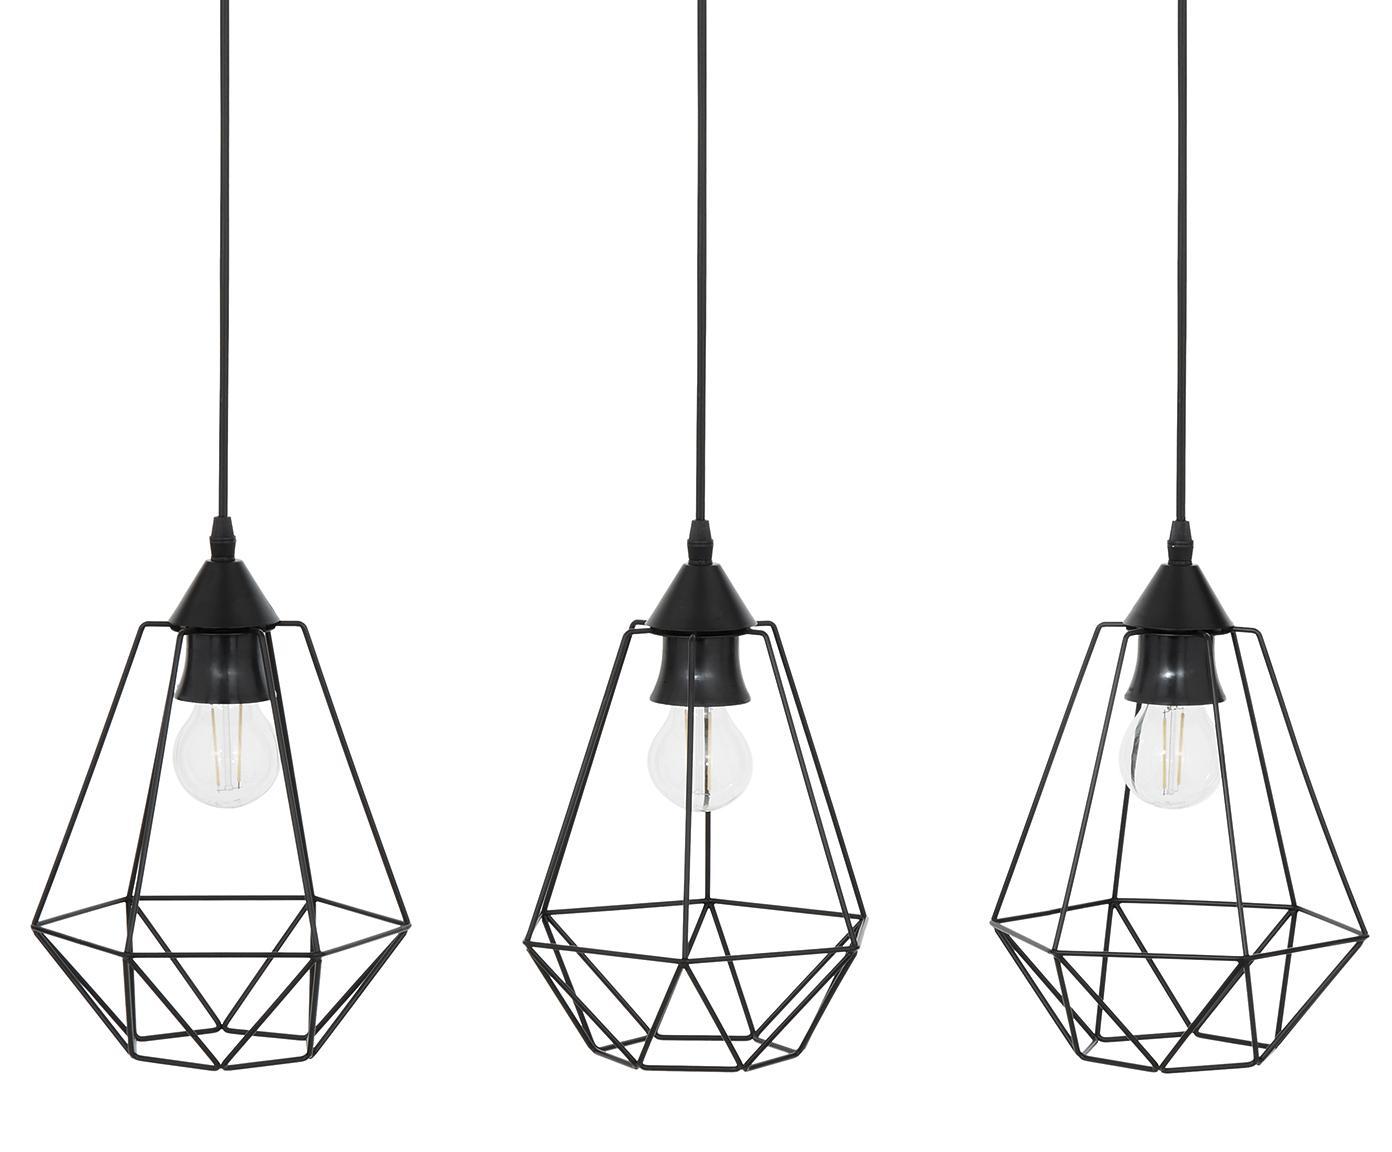 Lampada a sospensione Wire, Baldacchino: metallo, Paralume: metallo, Baldacchino: nero Paralume: nero Cavo: nero, Larg. 75 x Alt. 25 cm